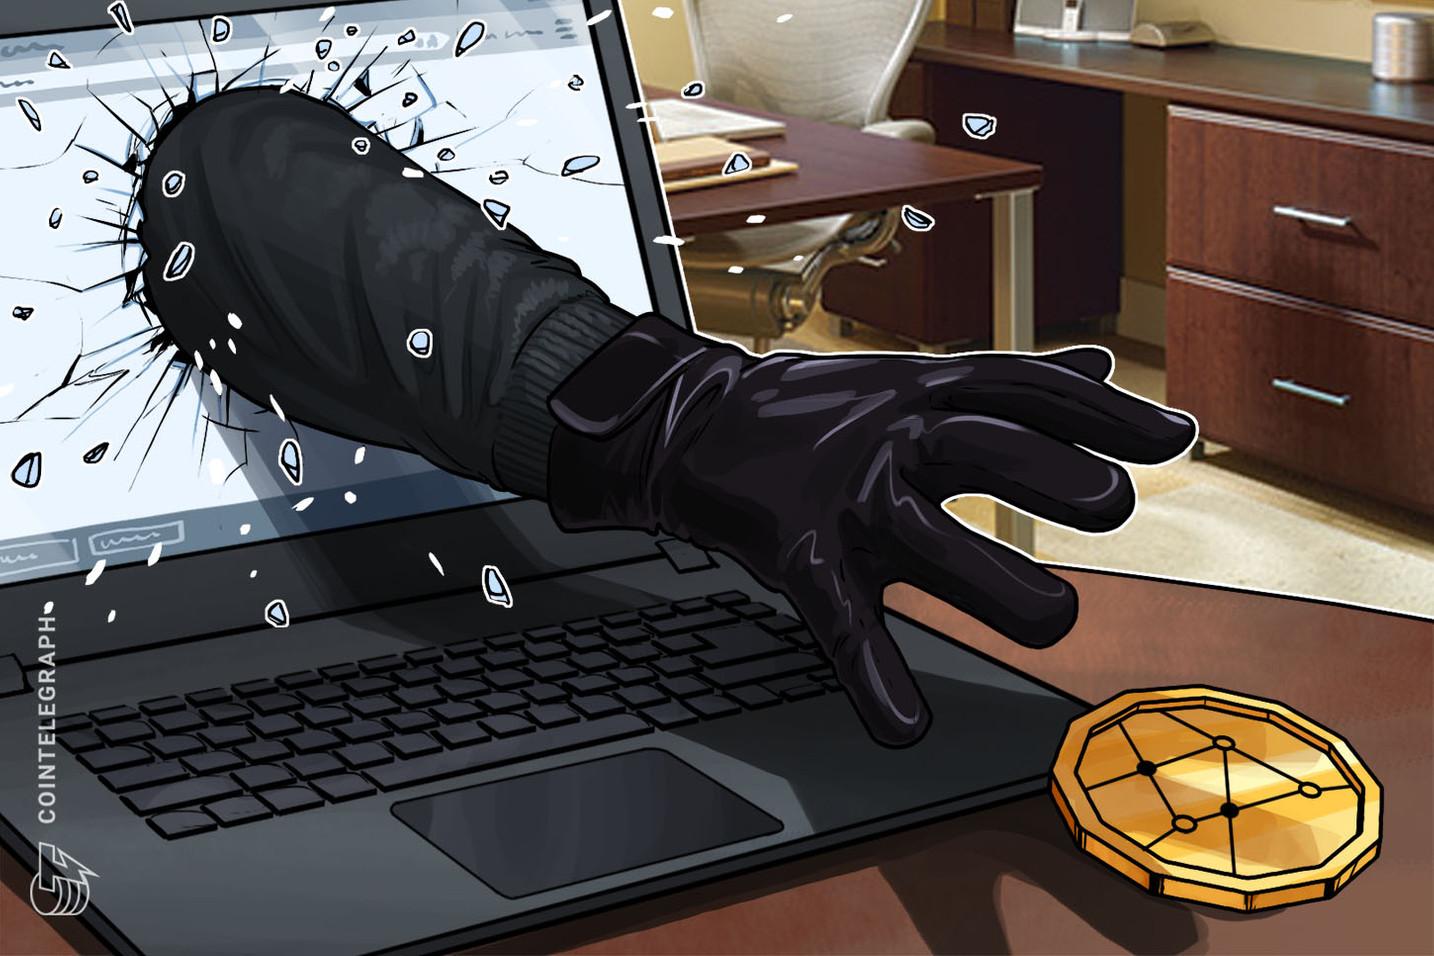 El malware de archivo torrent de Windows puede intercambiar criptodirecciones, advierte un investigador